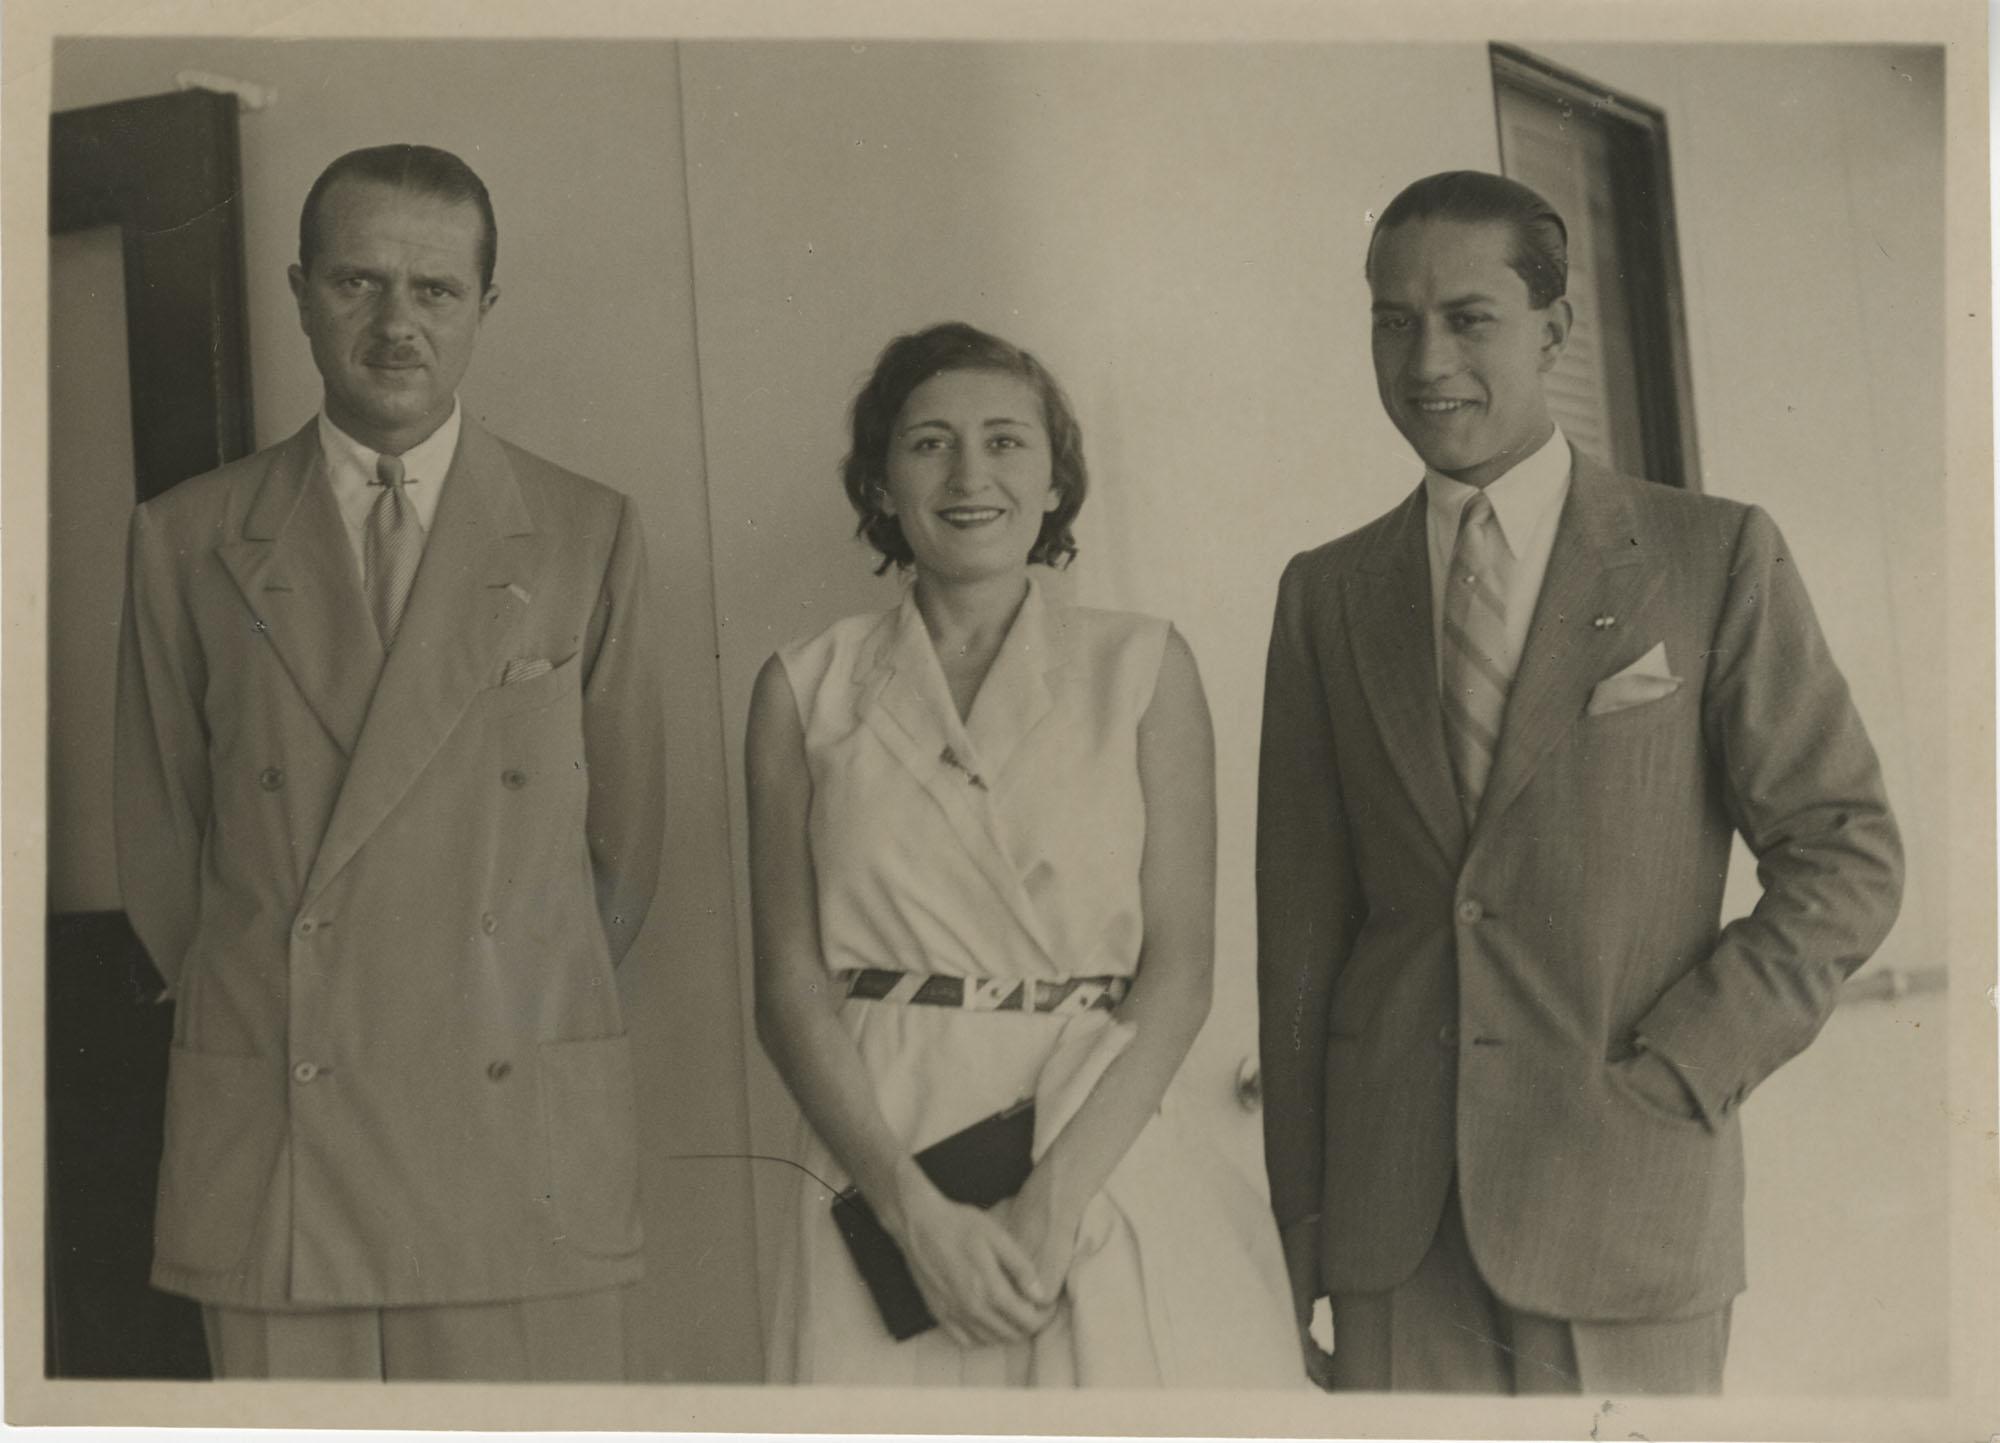 Edda (Mussolini) Ciano, Galeazzo Ciano, and Mario Pansa